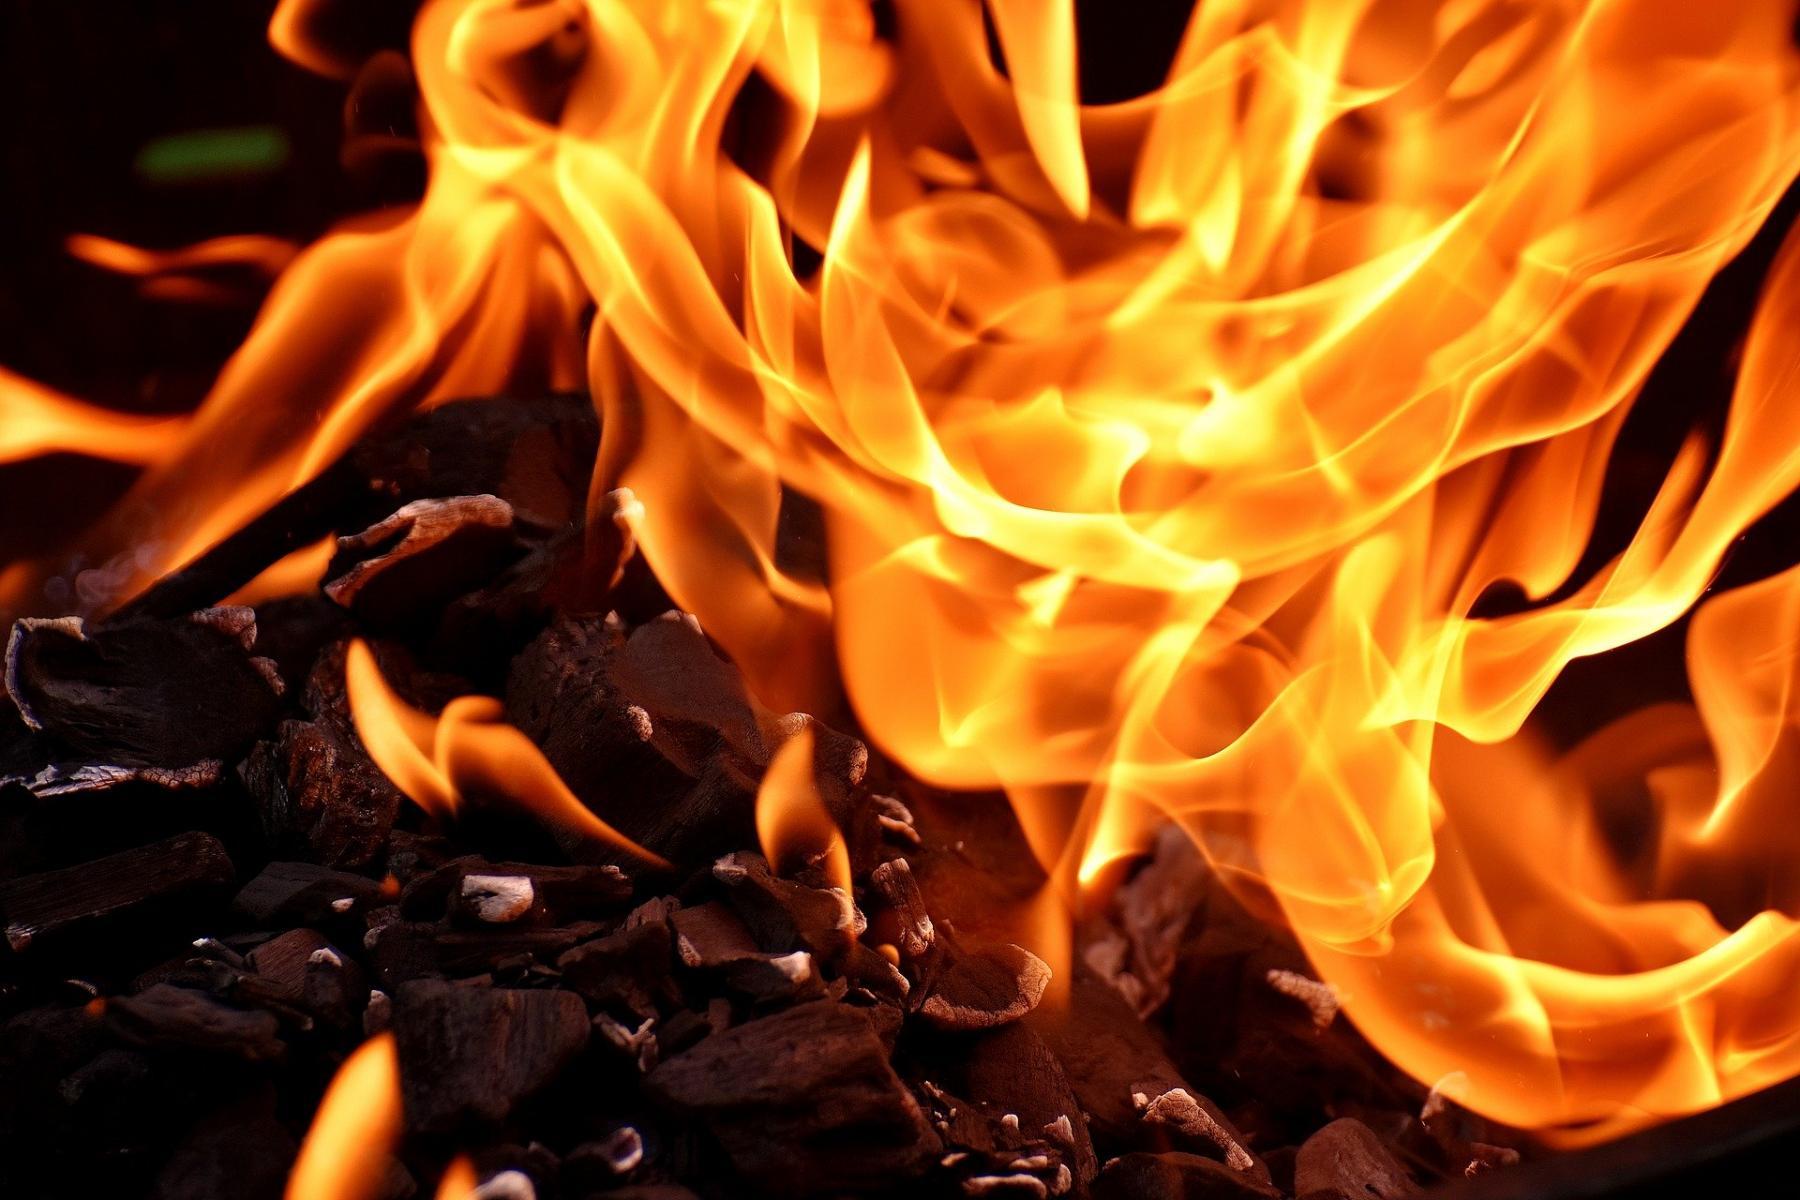 фото Военнослужащий погиб в Забайкальском крае из-за возгорания пороха 2